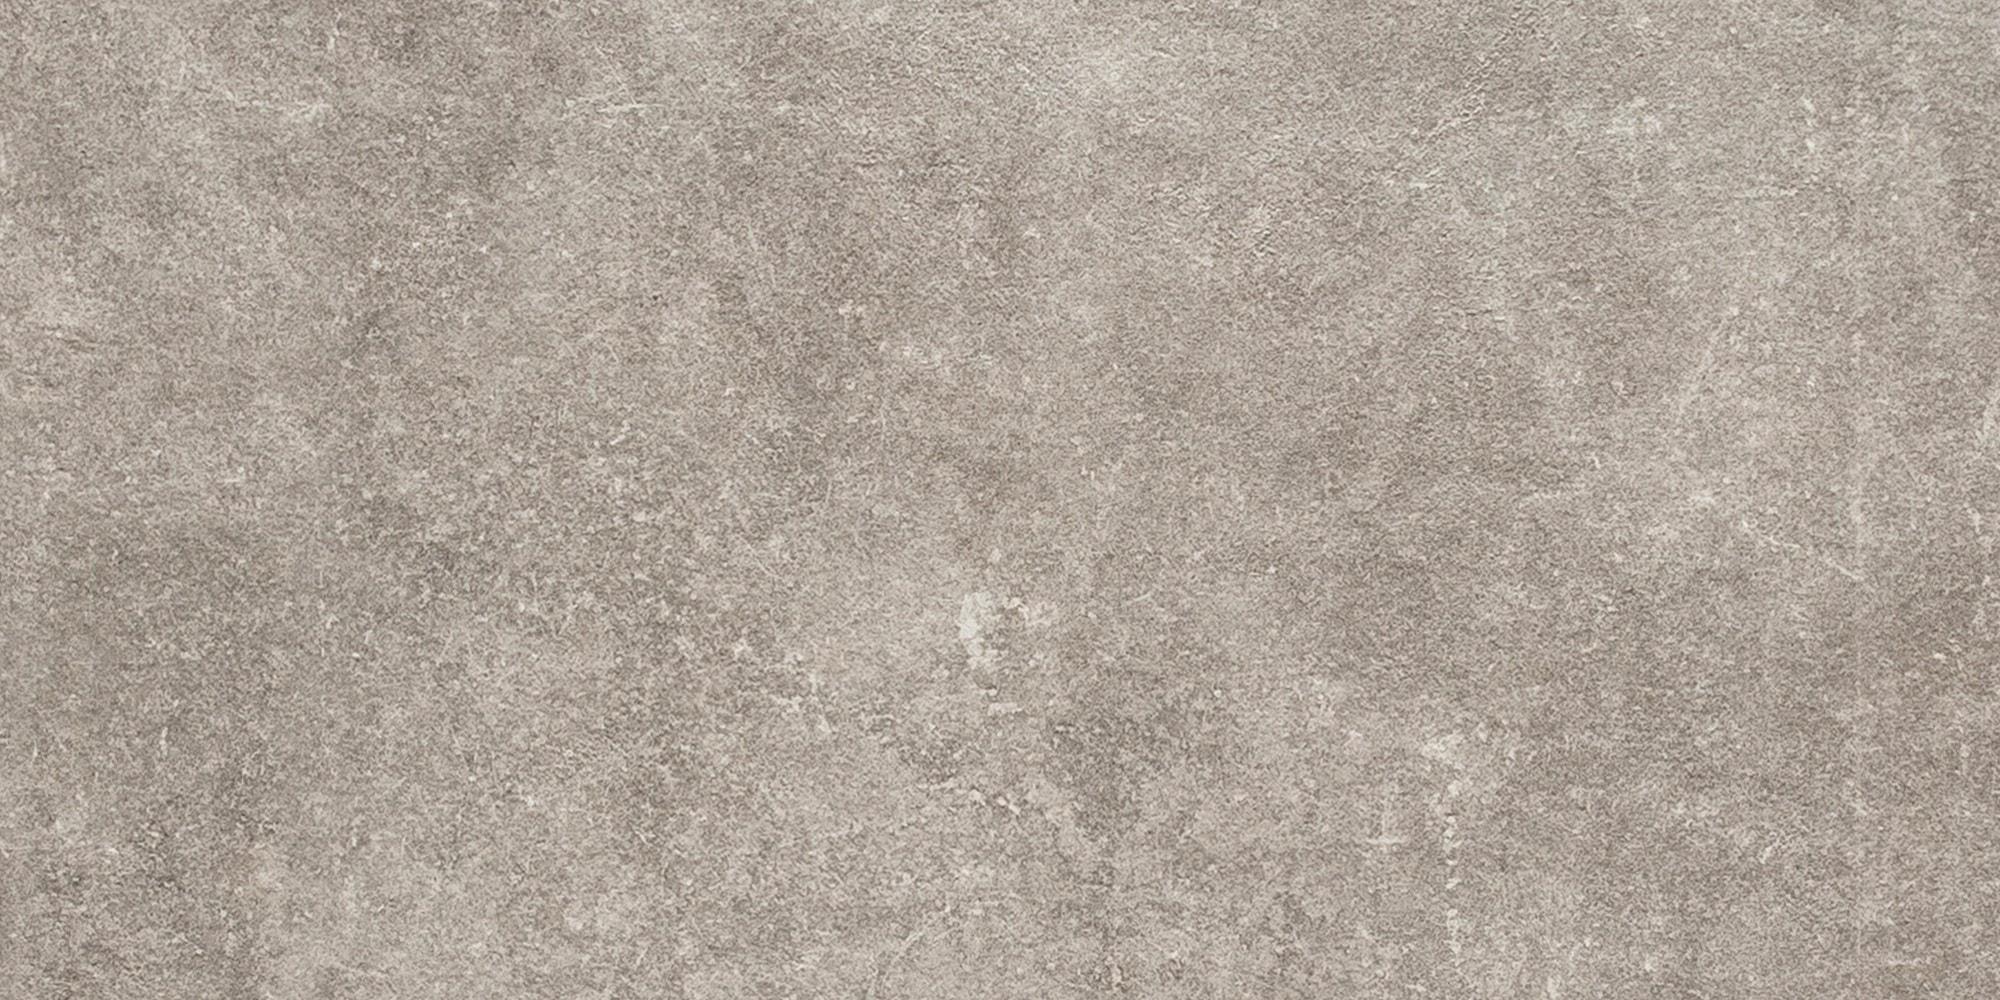 Płytka podłogowa Cerrad  Montego Dust 597x297x8,5mm 25289